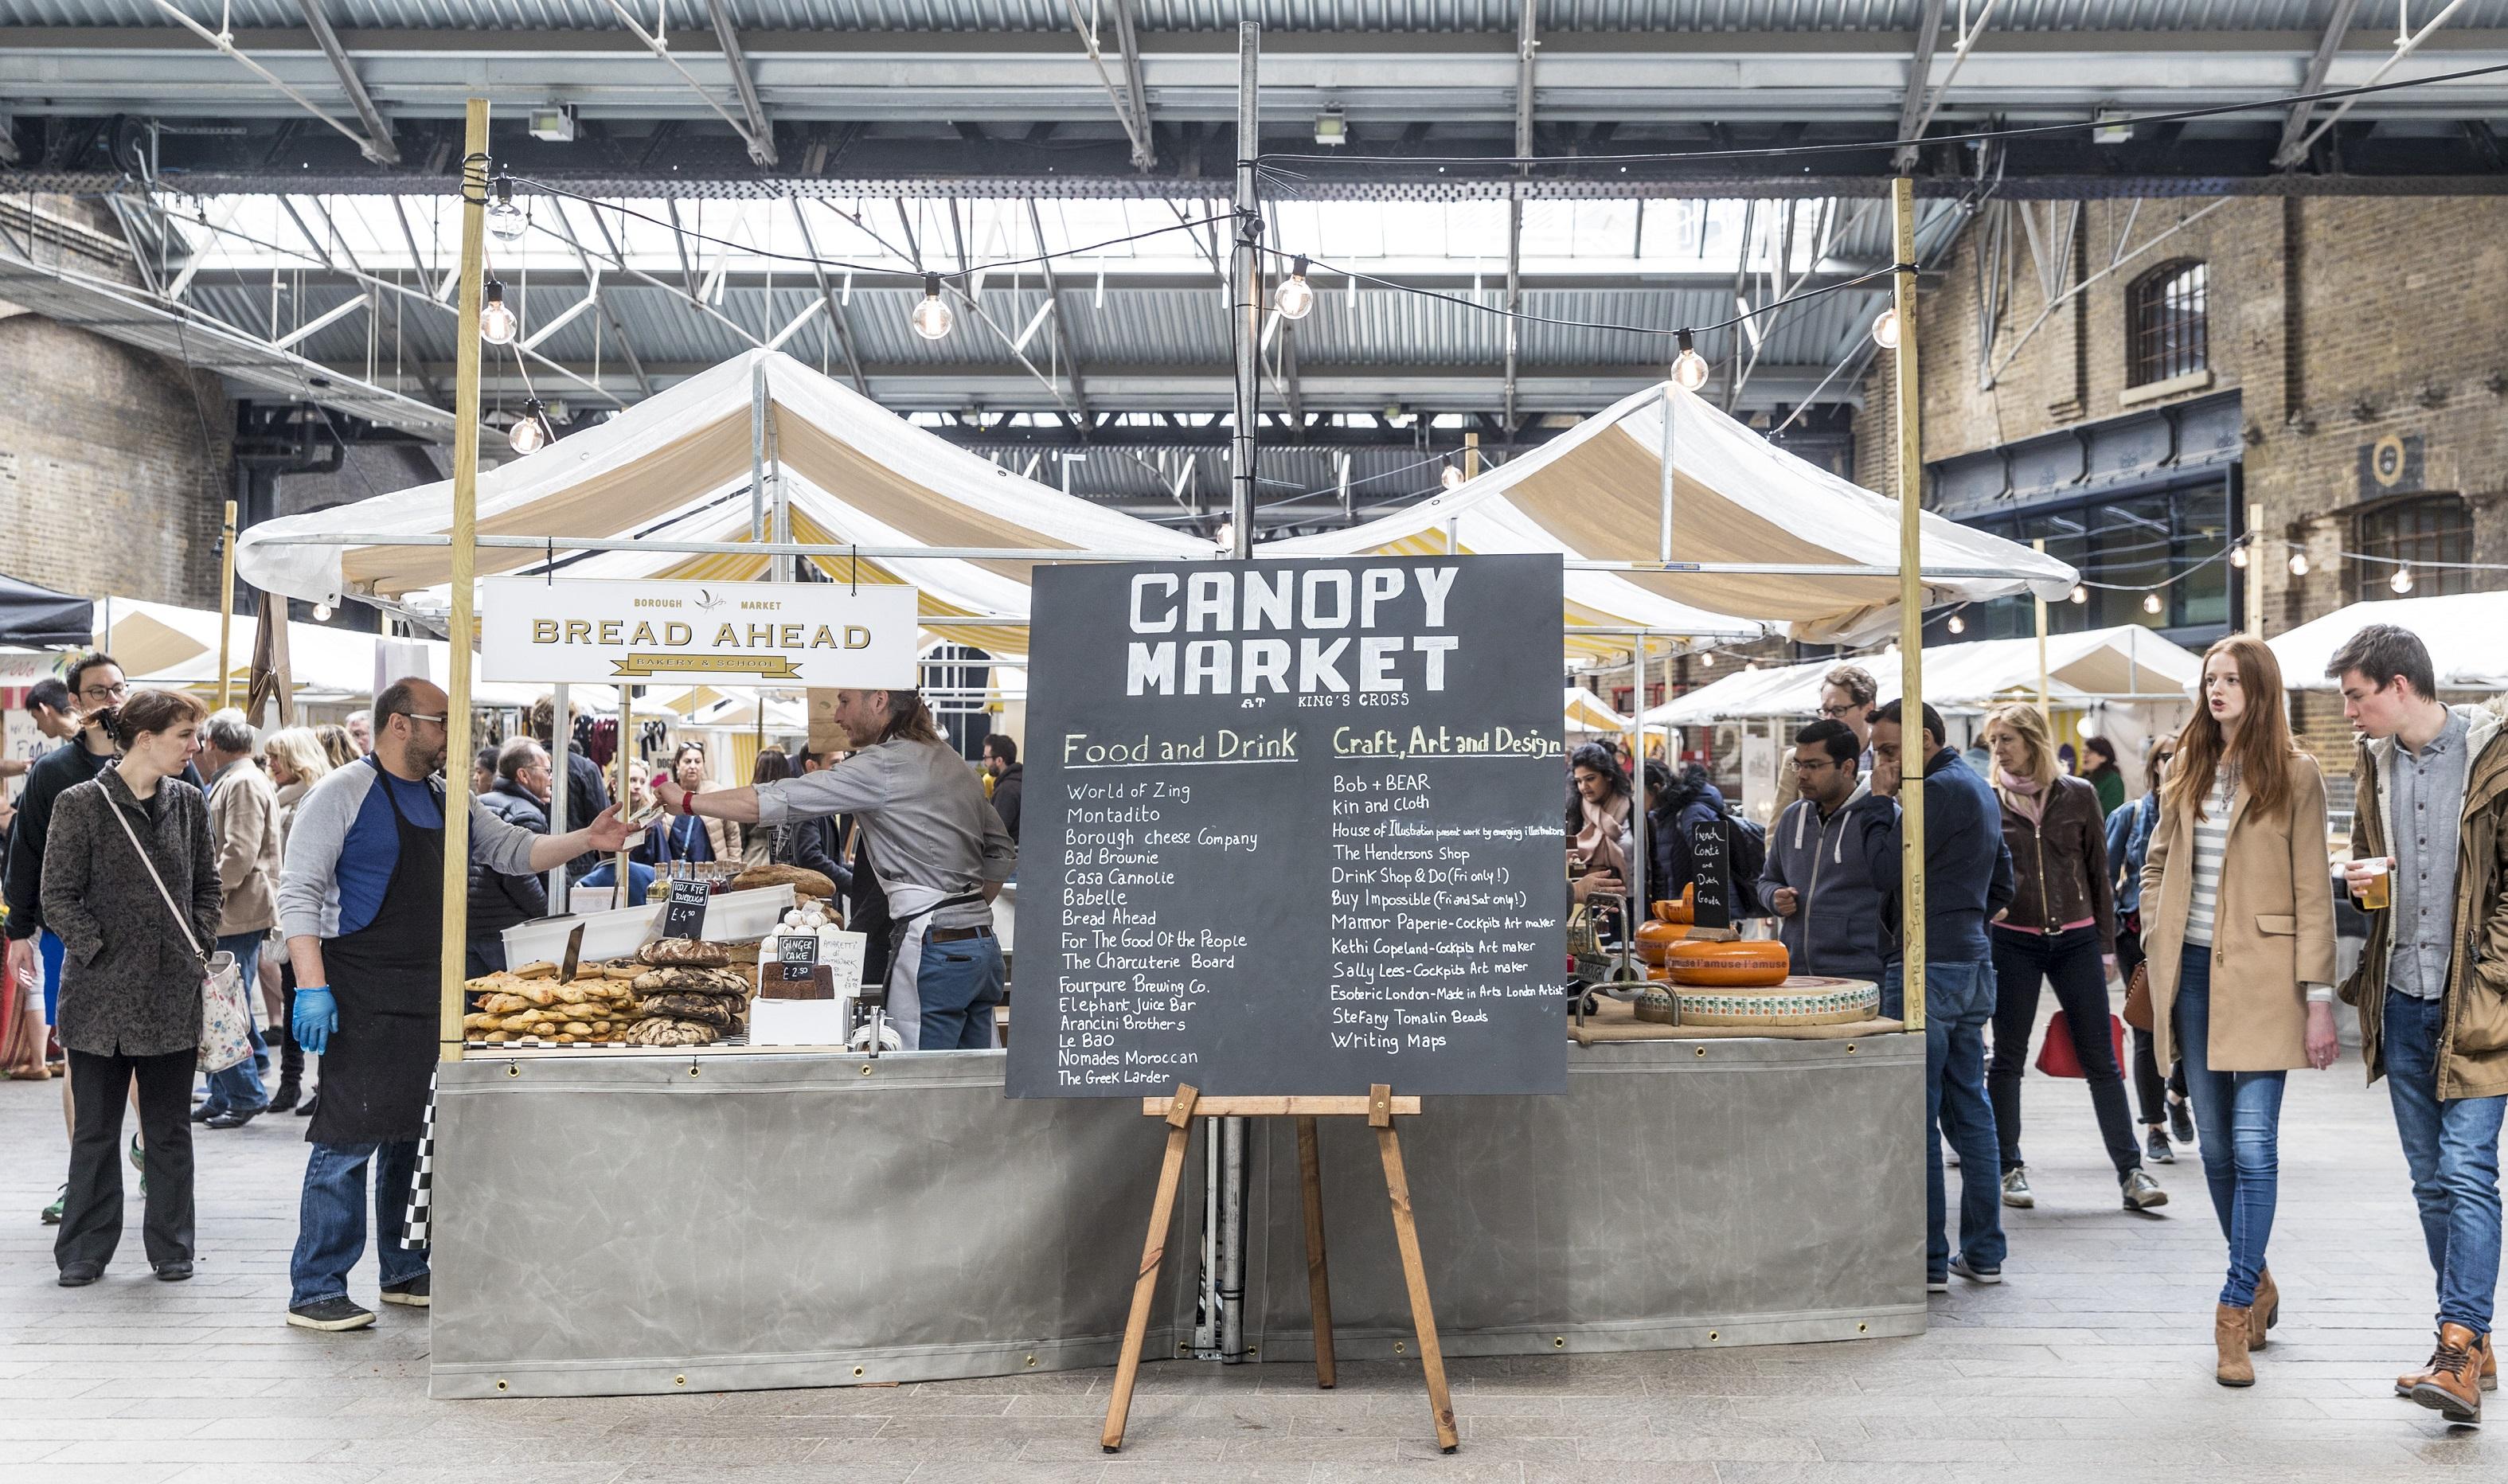 Canopy Market, King's Cross